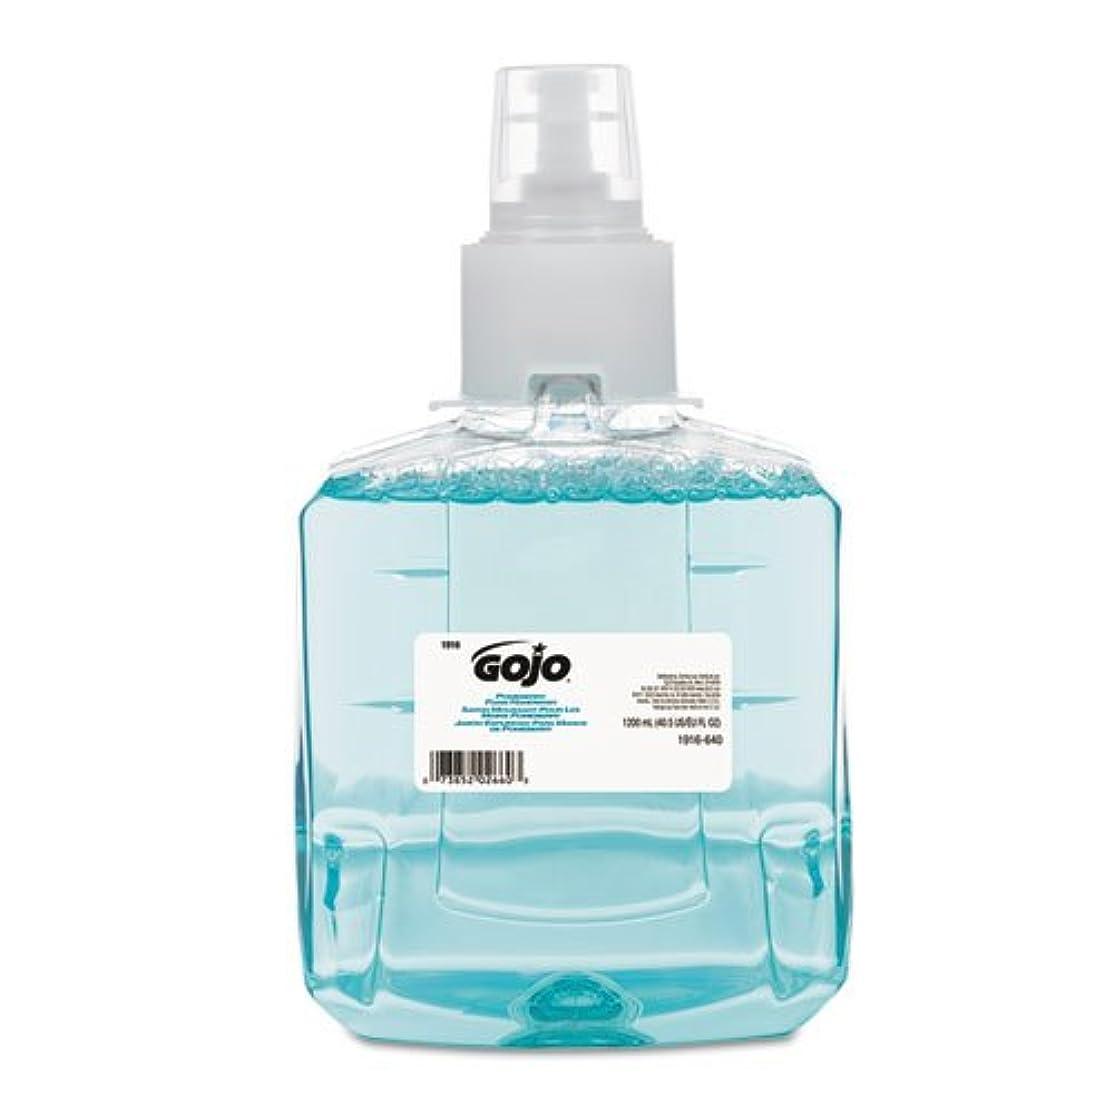 読書顎首尾一貫したgo-jo Industries 191602 CT Pomeberry泡手洗いリフィル、ザクロ、1200 ml詰め替え、2 /カートン